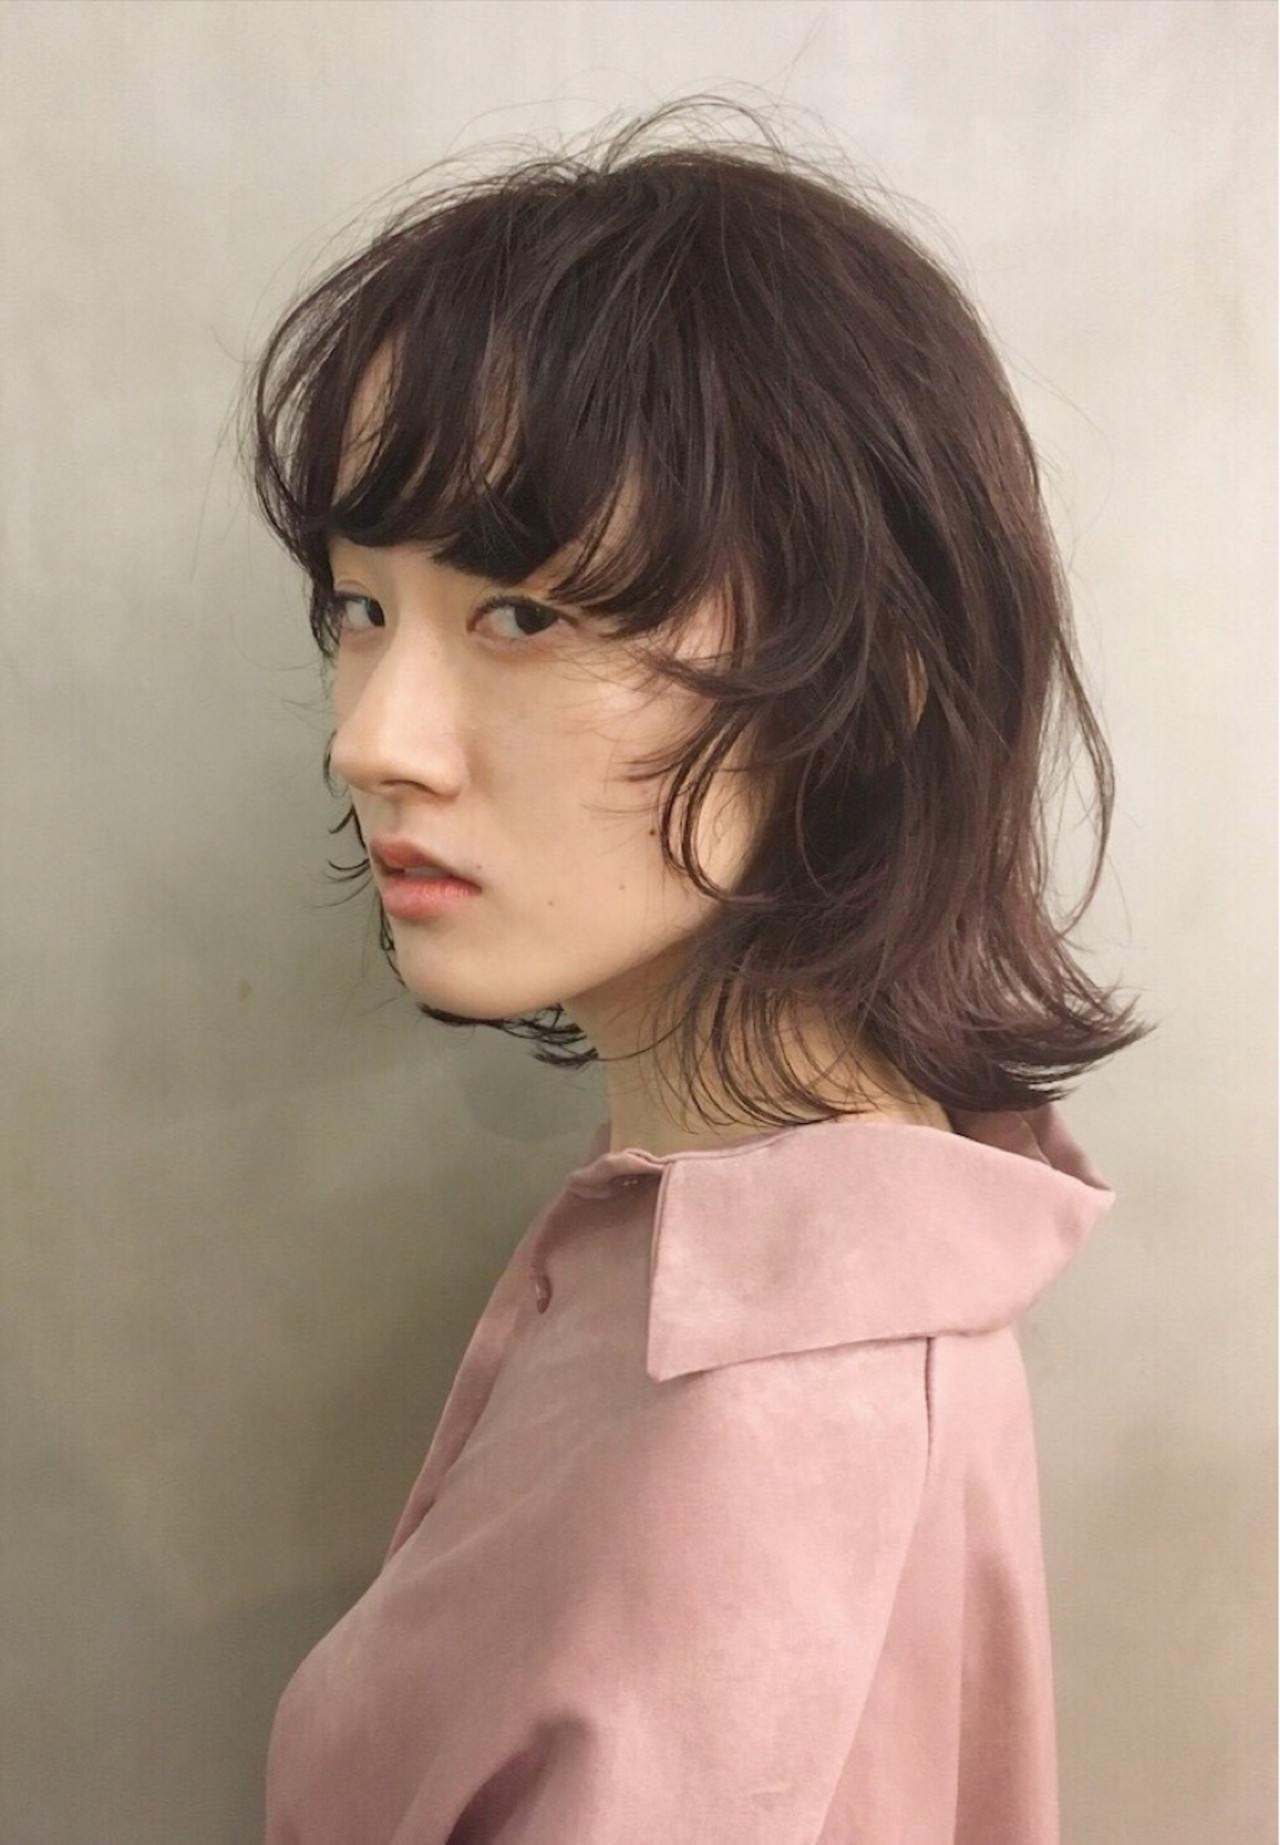 透明感 モード マッシュ ウルフカット ヘアスタイルや髪型の写真・画像